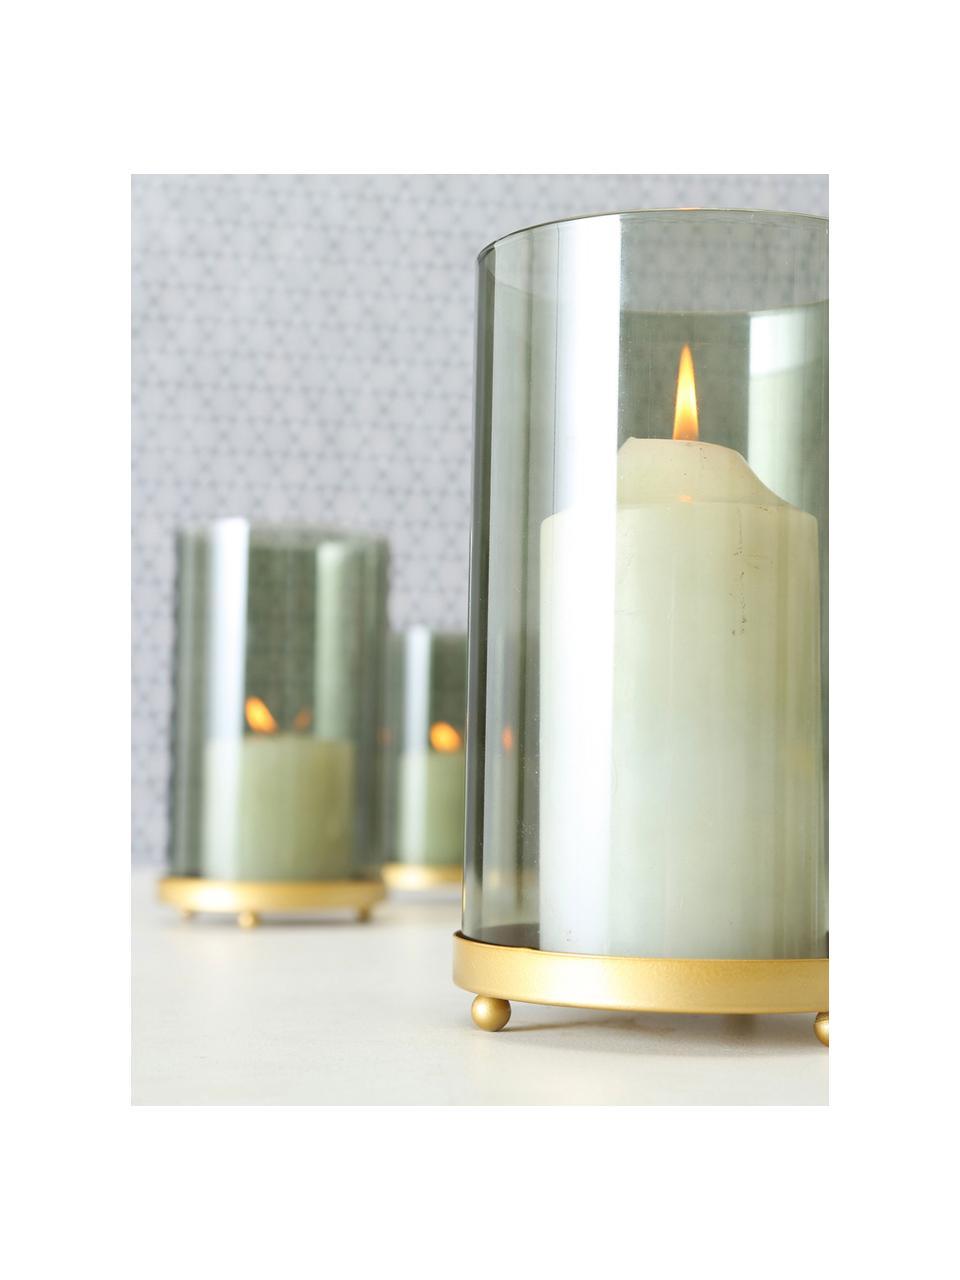 Windlichter-Set Knikki, 3-tlg., Glas, lackiert, Grün, Sondergrößen